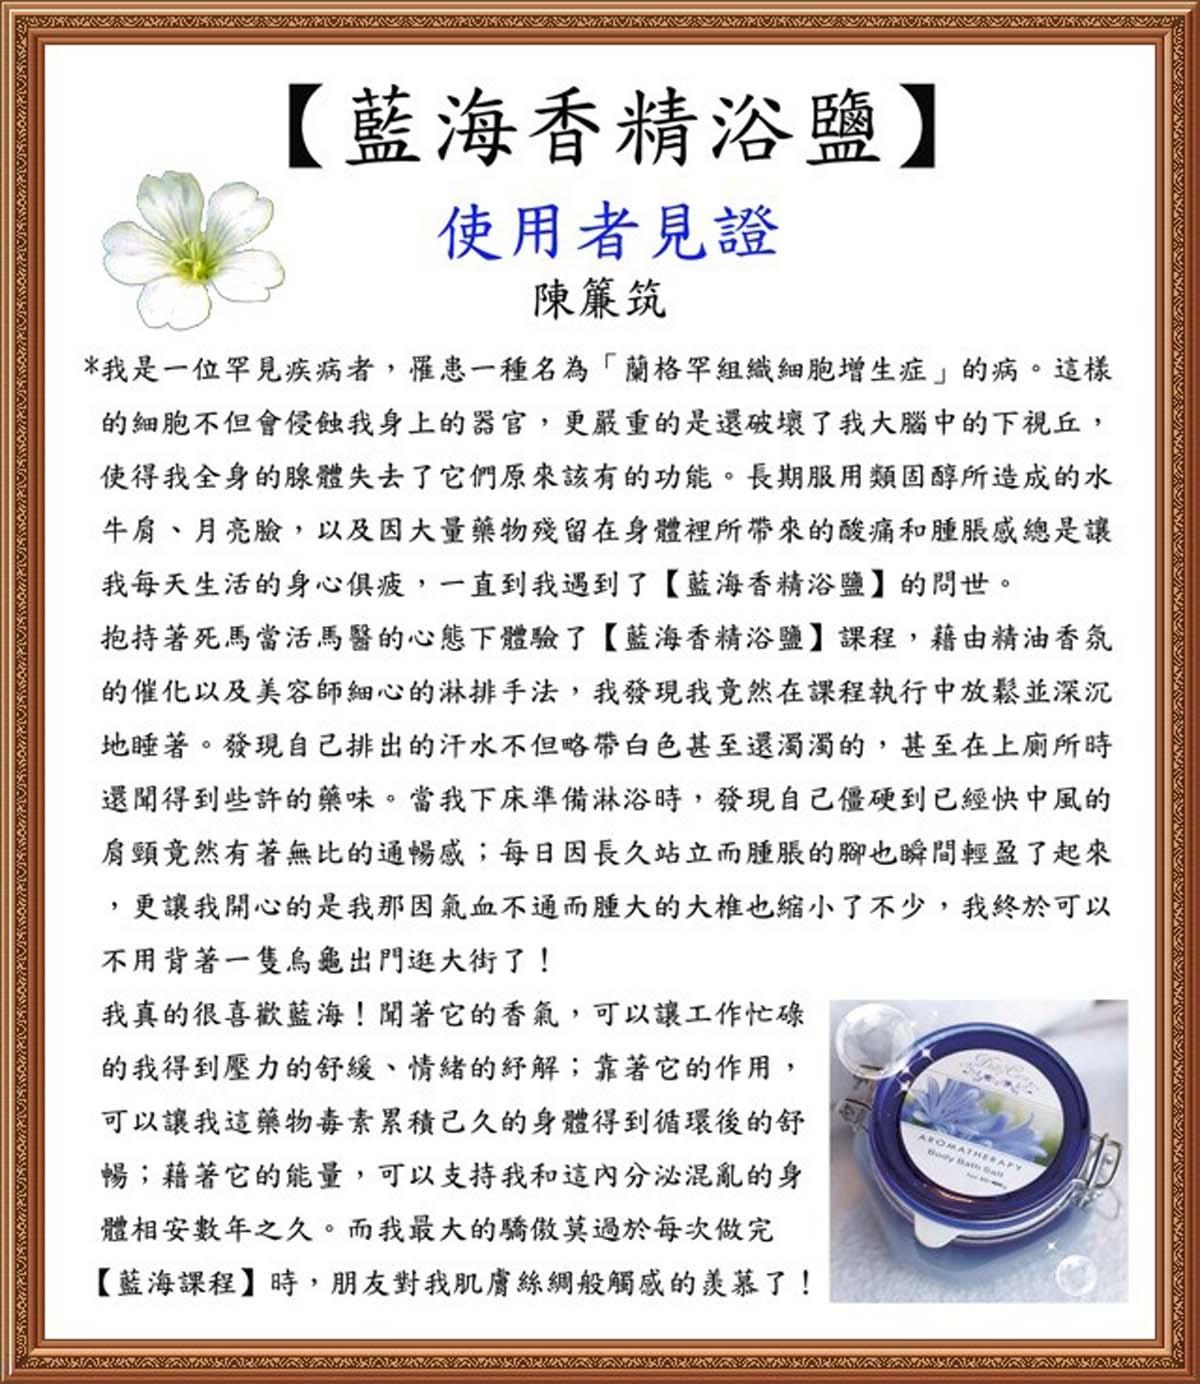 藍海香精浴鹽-特色圖